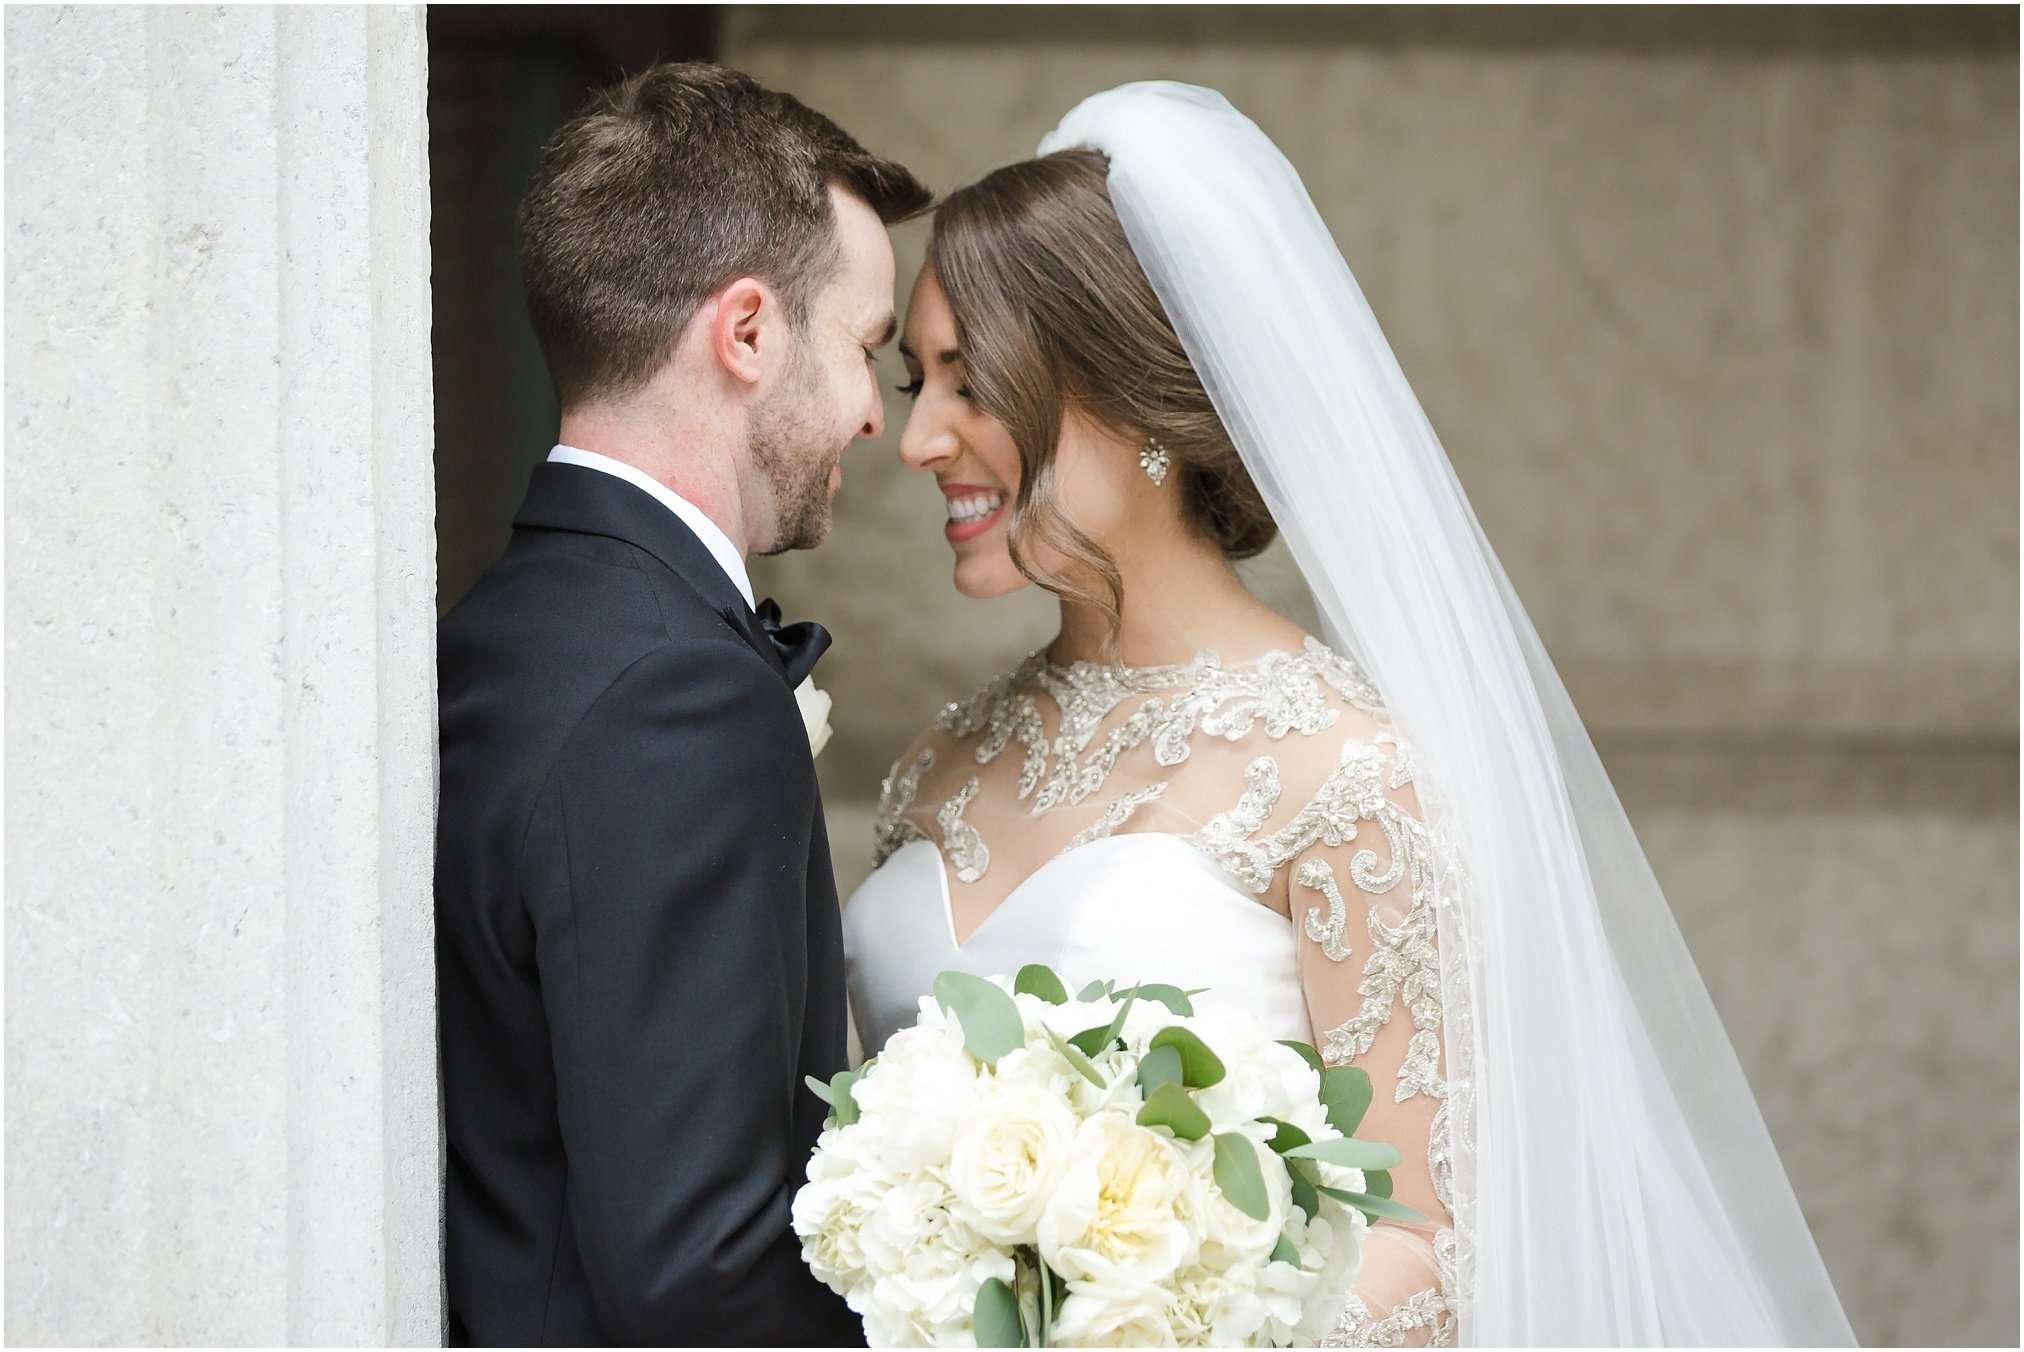 Spring Wedding at the Ohio Statehouse | Columbus Ohio Photography 38